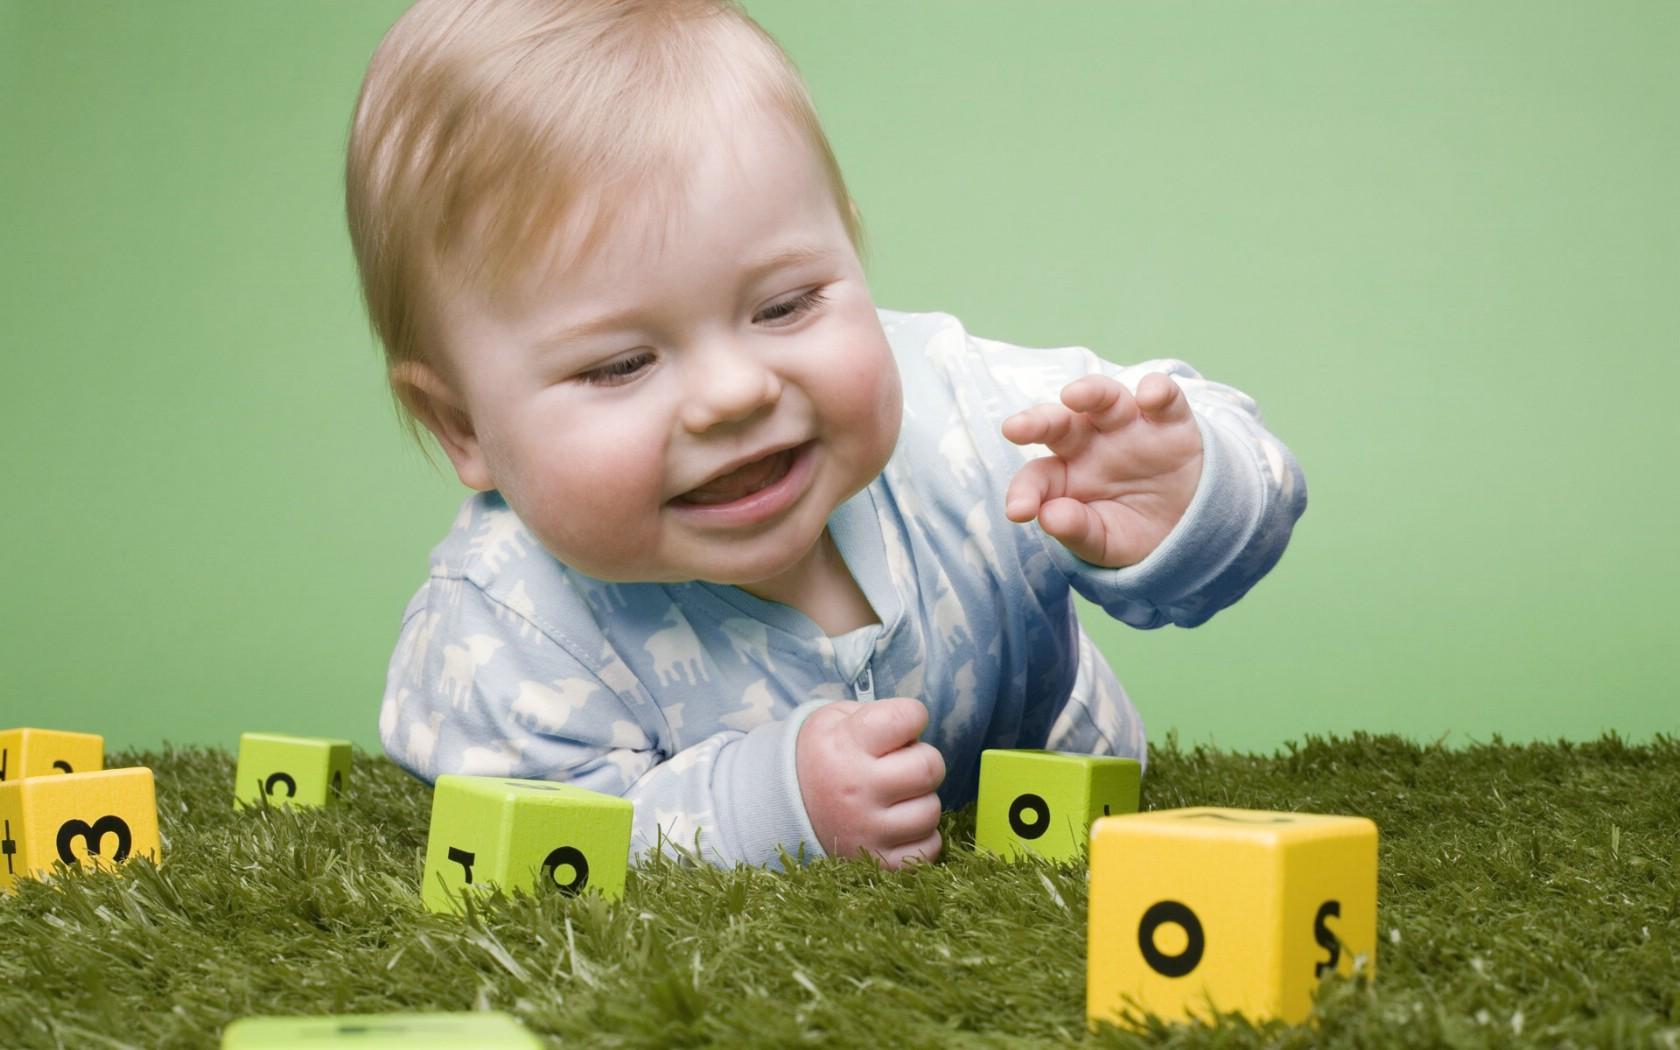 外国小孩的qq号_壁纸1680×1050婴儿与玩具 国外儿童摄影壁纸壁纸,国外儿童摄影 ...